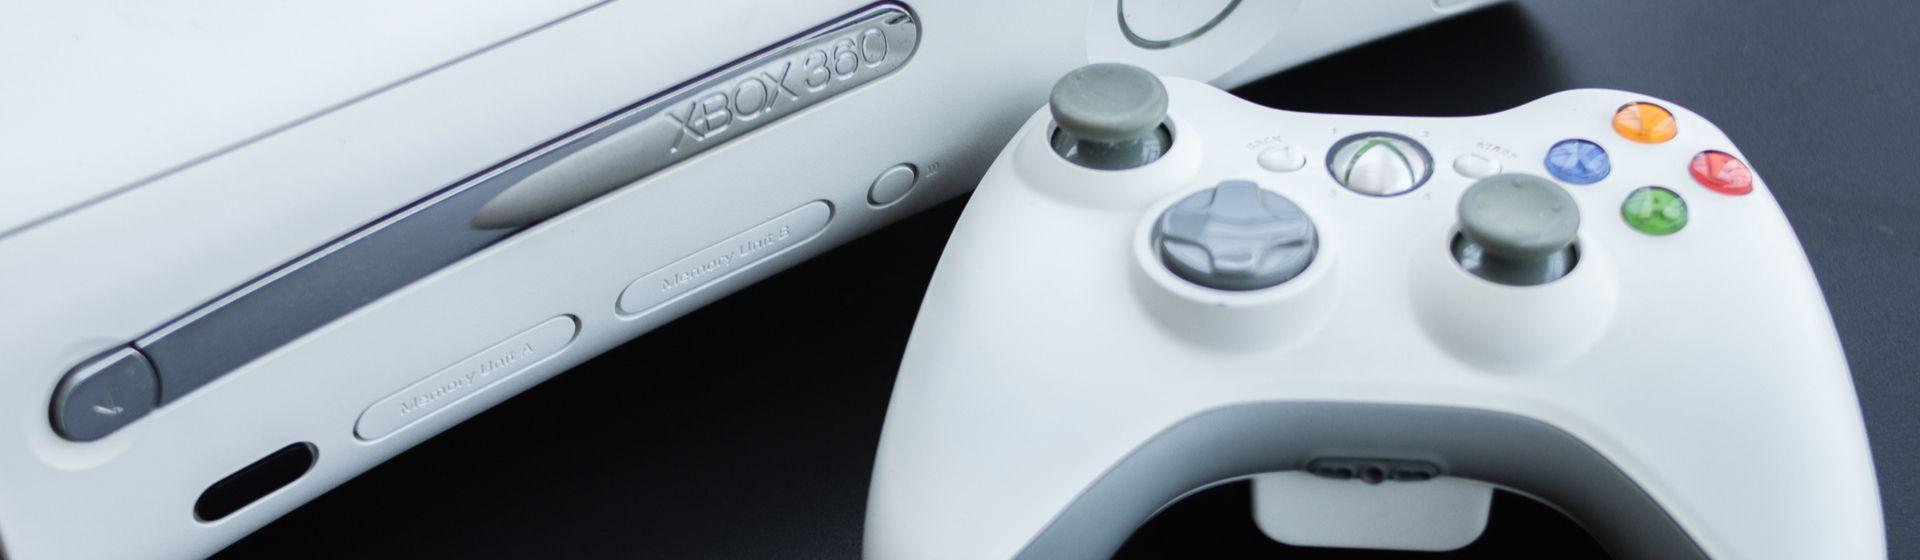 Xbox 360: preço, jogos, controle e mais; vale a pena comprar em 2021?